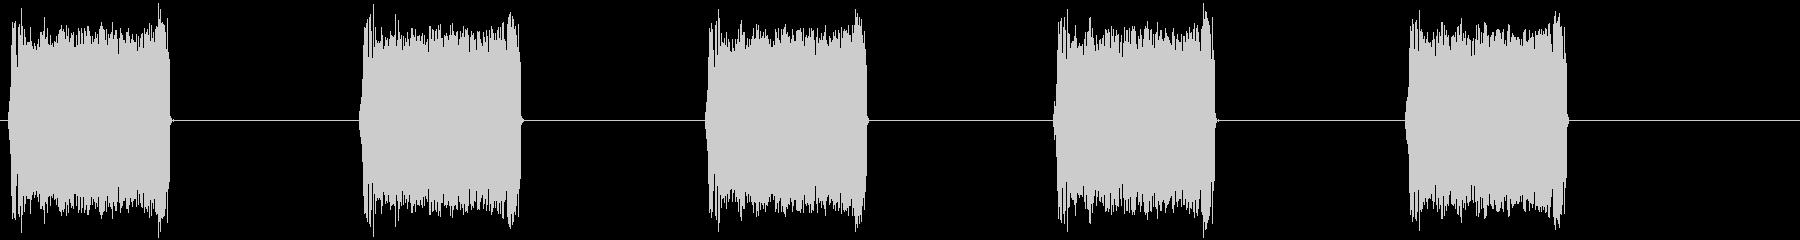 153 携帯のバイブ音の未再生の波形